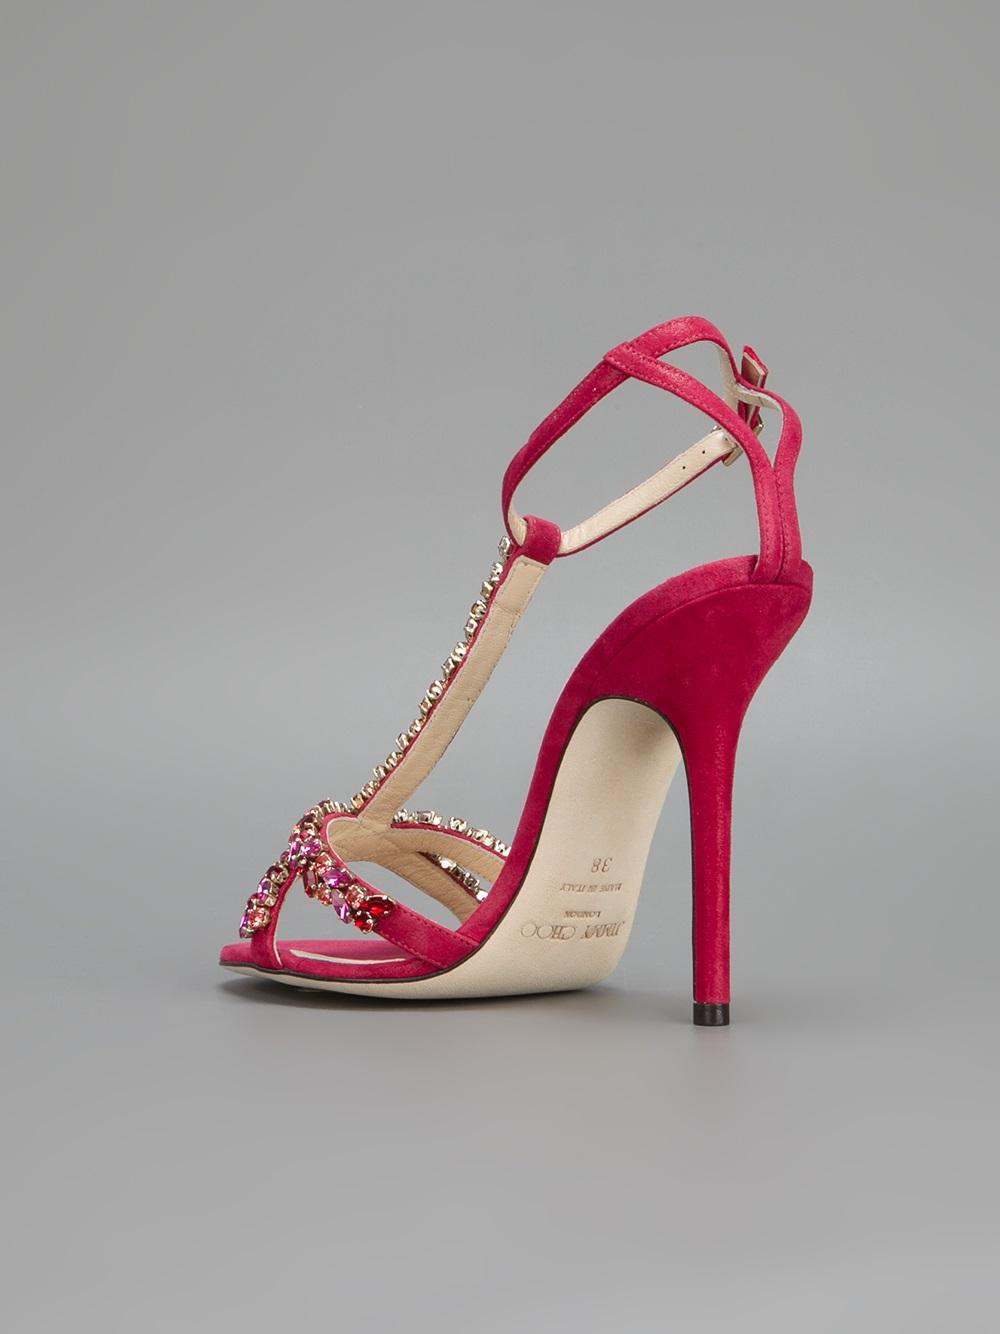 b6c69d96dbb9 Lyst - Jimmy Choo Tayn Embellished Sandal in Red